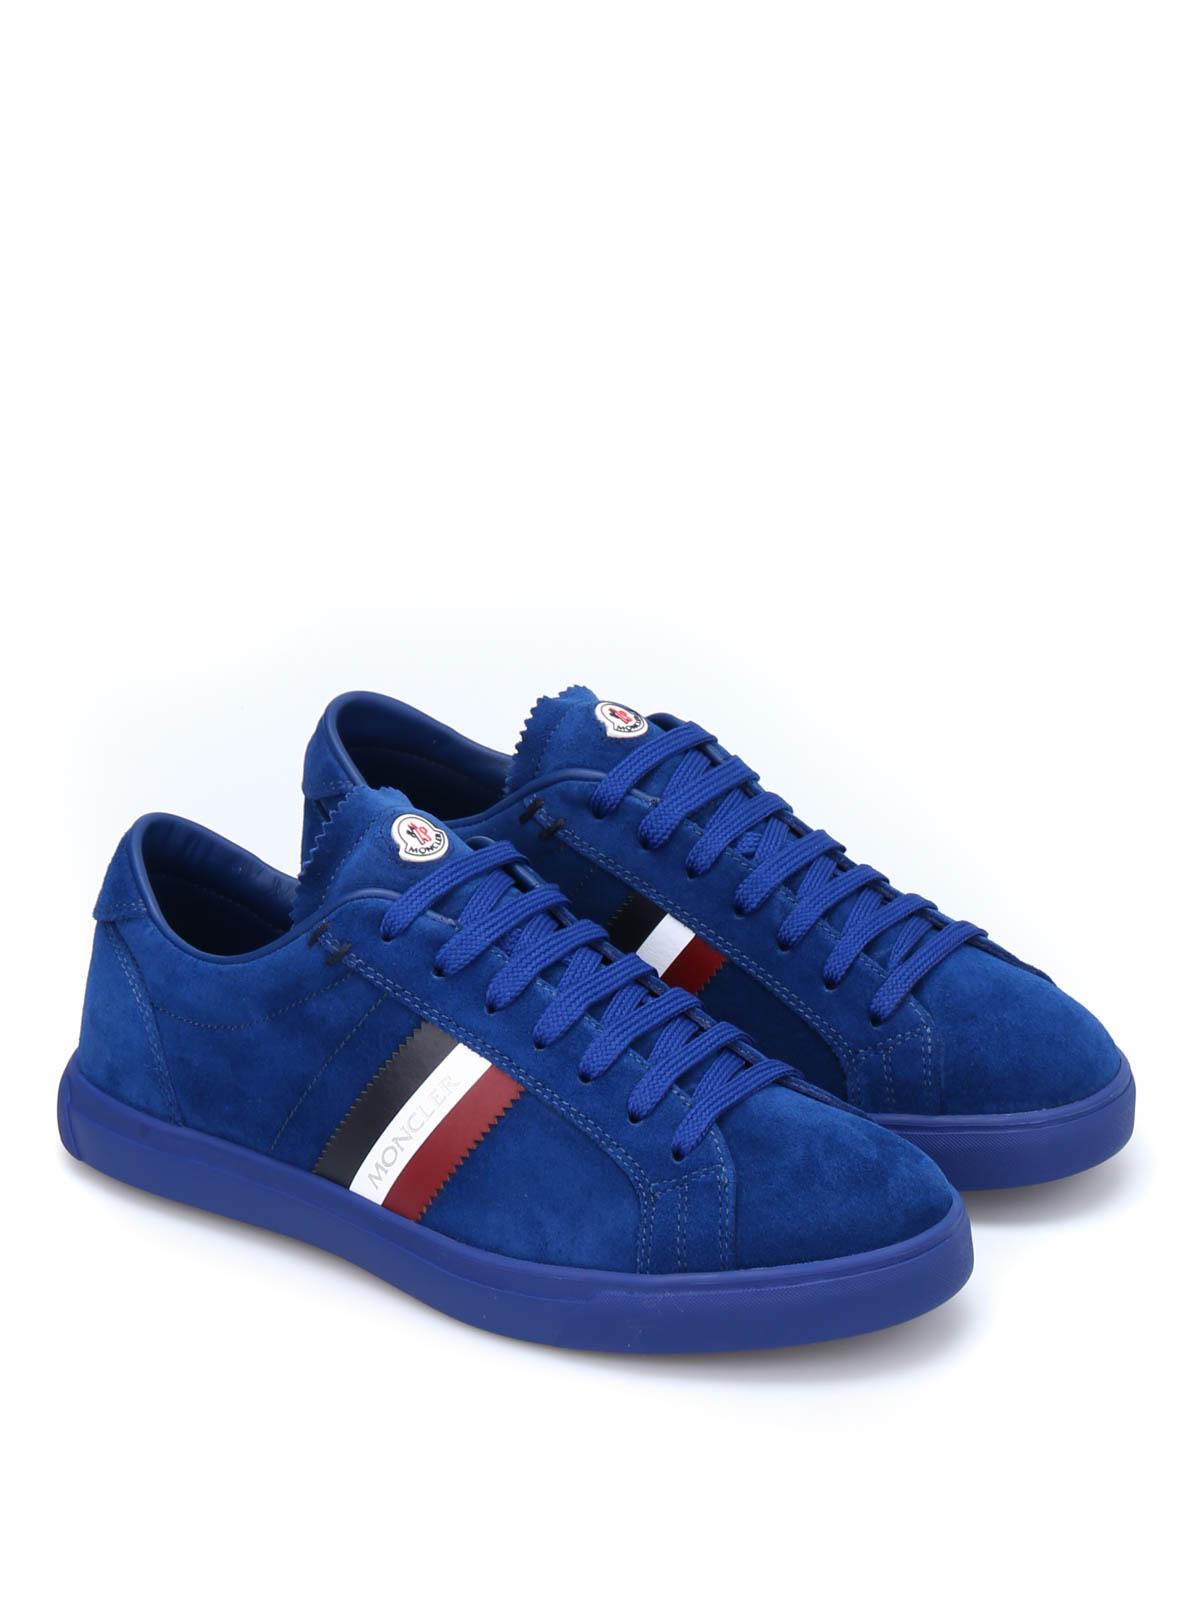 La Monaco sneakers - Blue Moncler M3sqF9ffrL